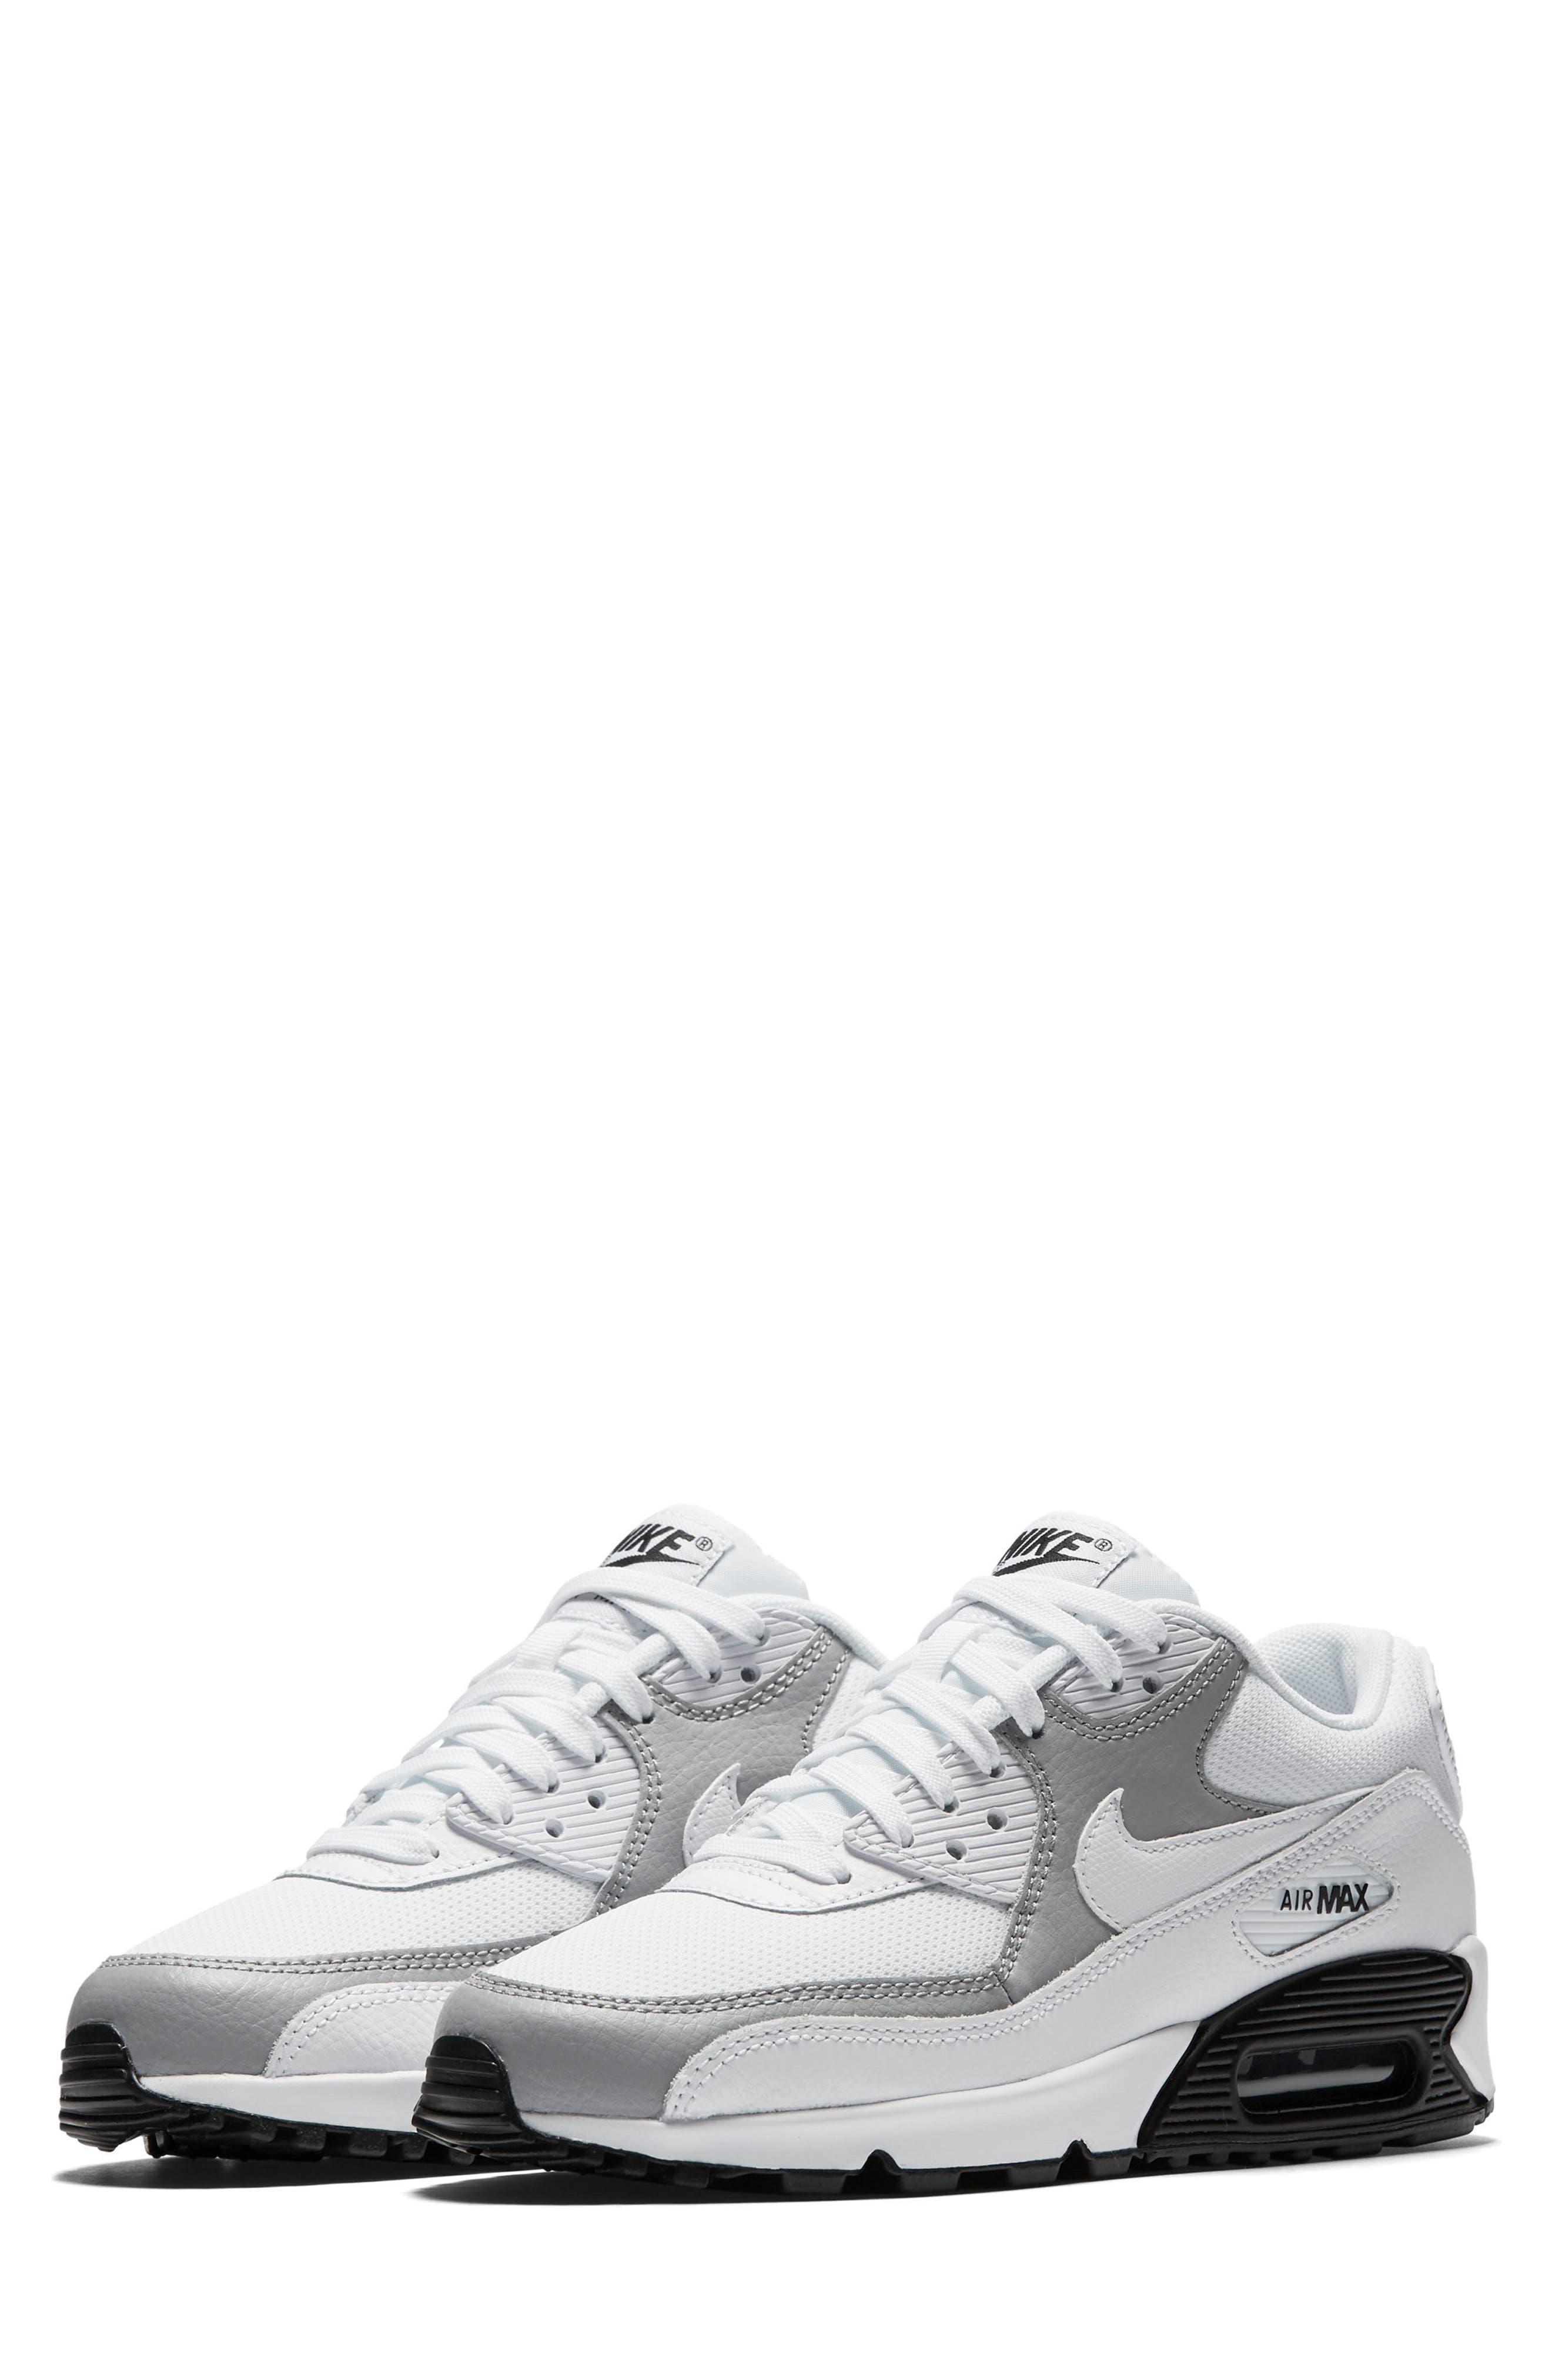 Main Image - Nike Air Max 90 Sneaker (Women)